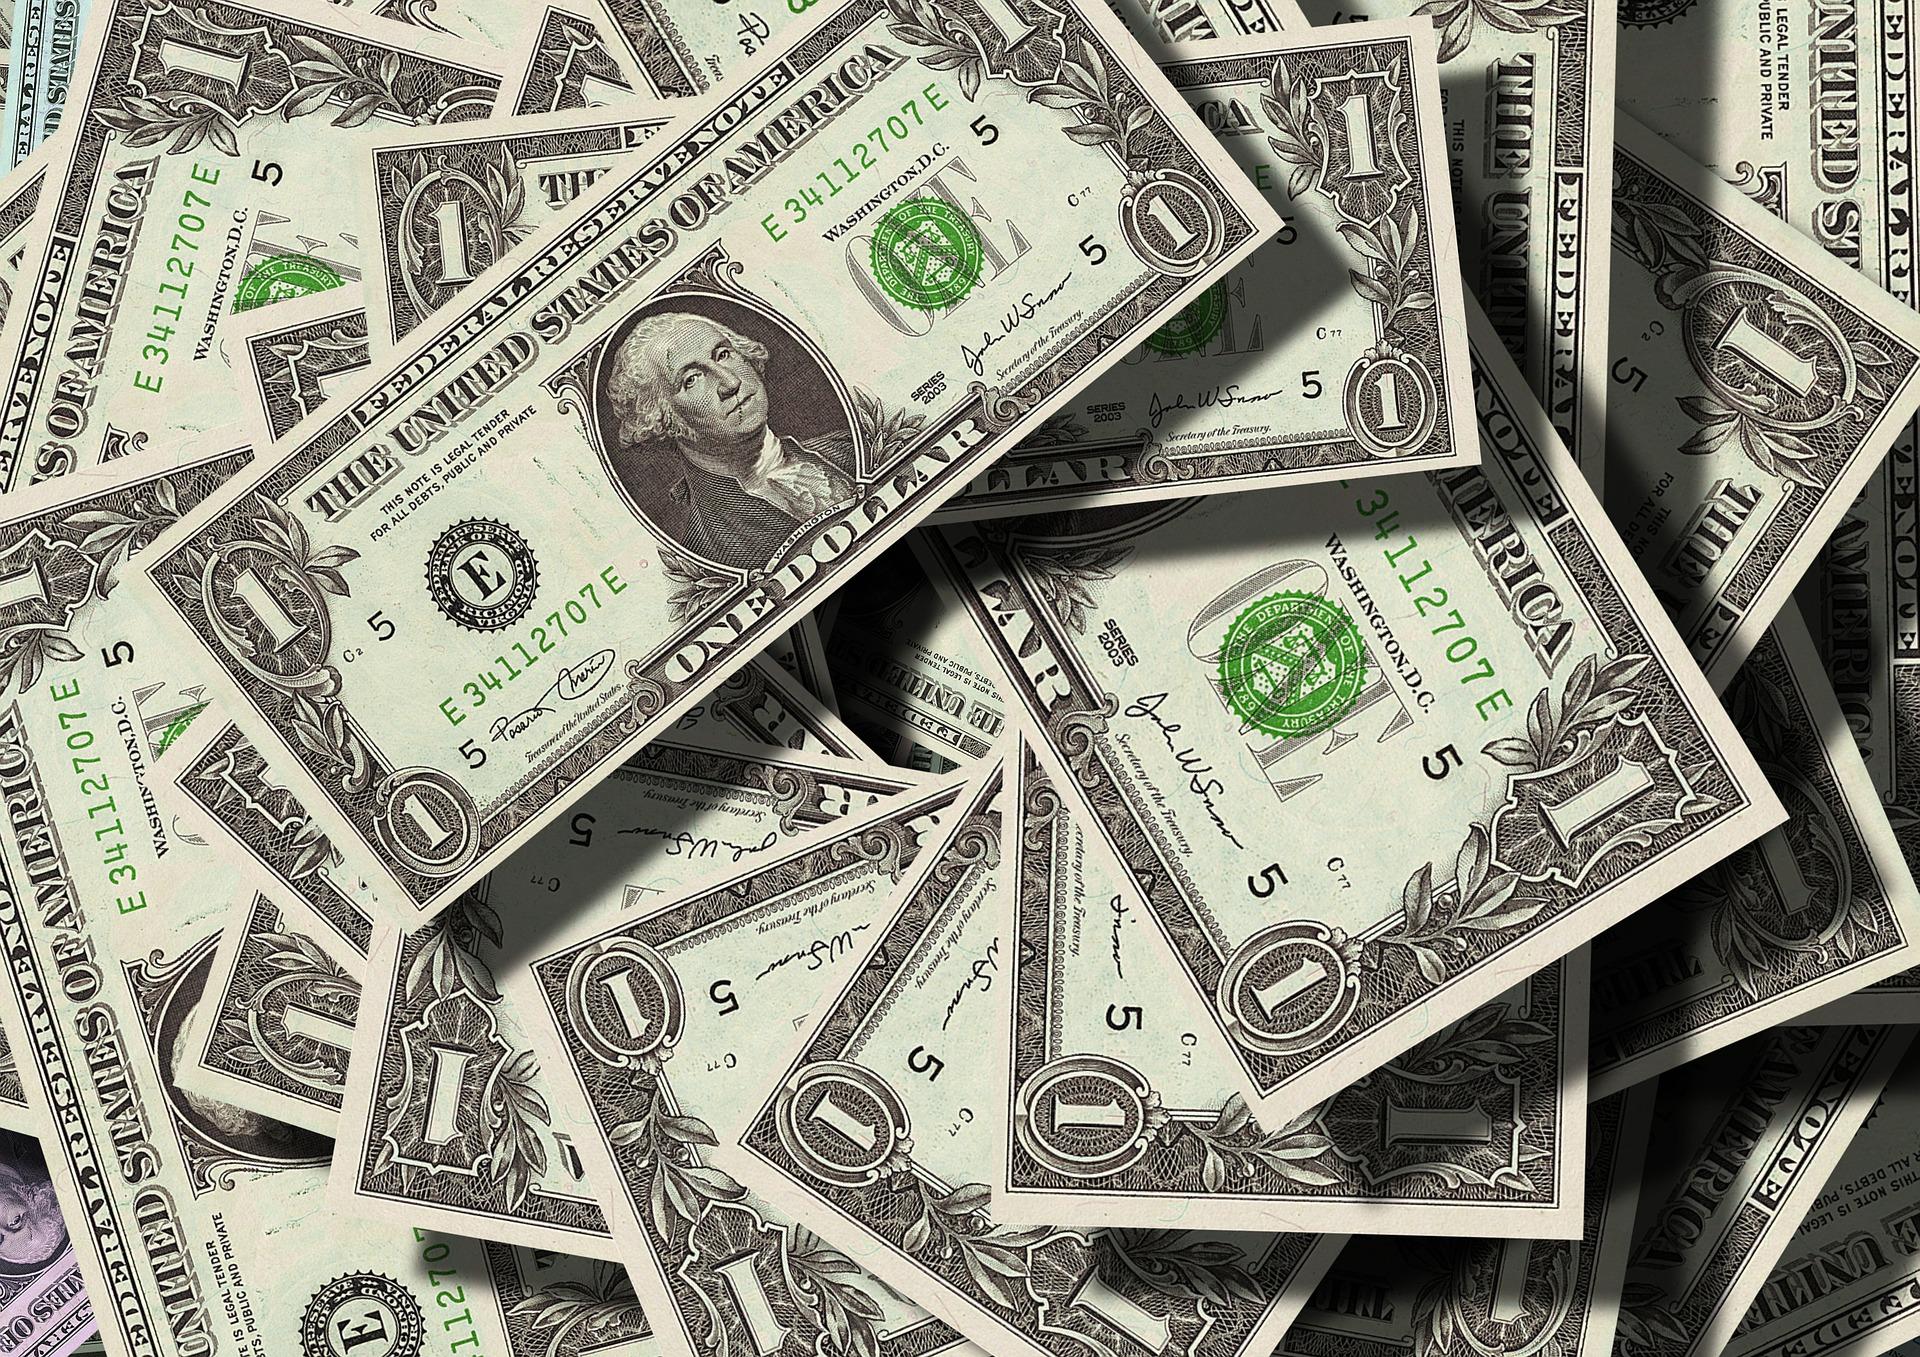 US-Dollar banknotes